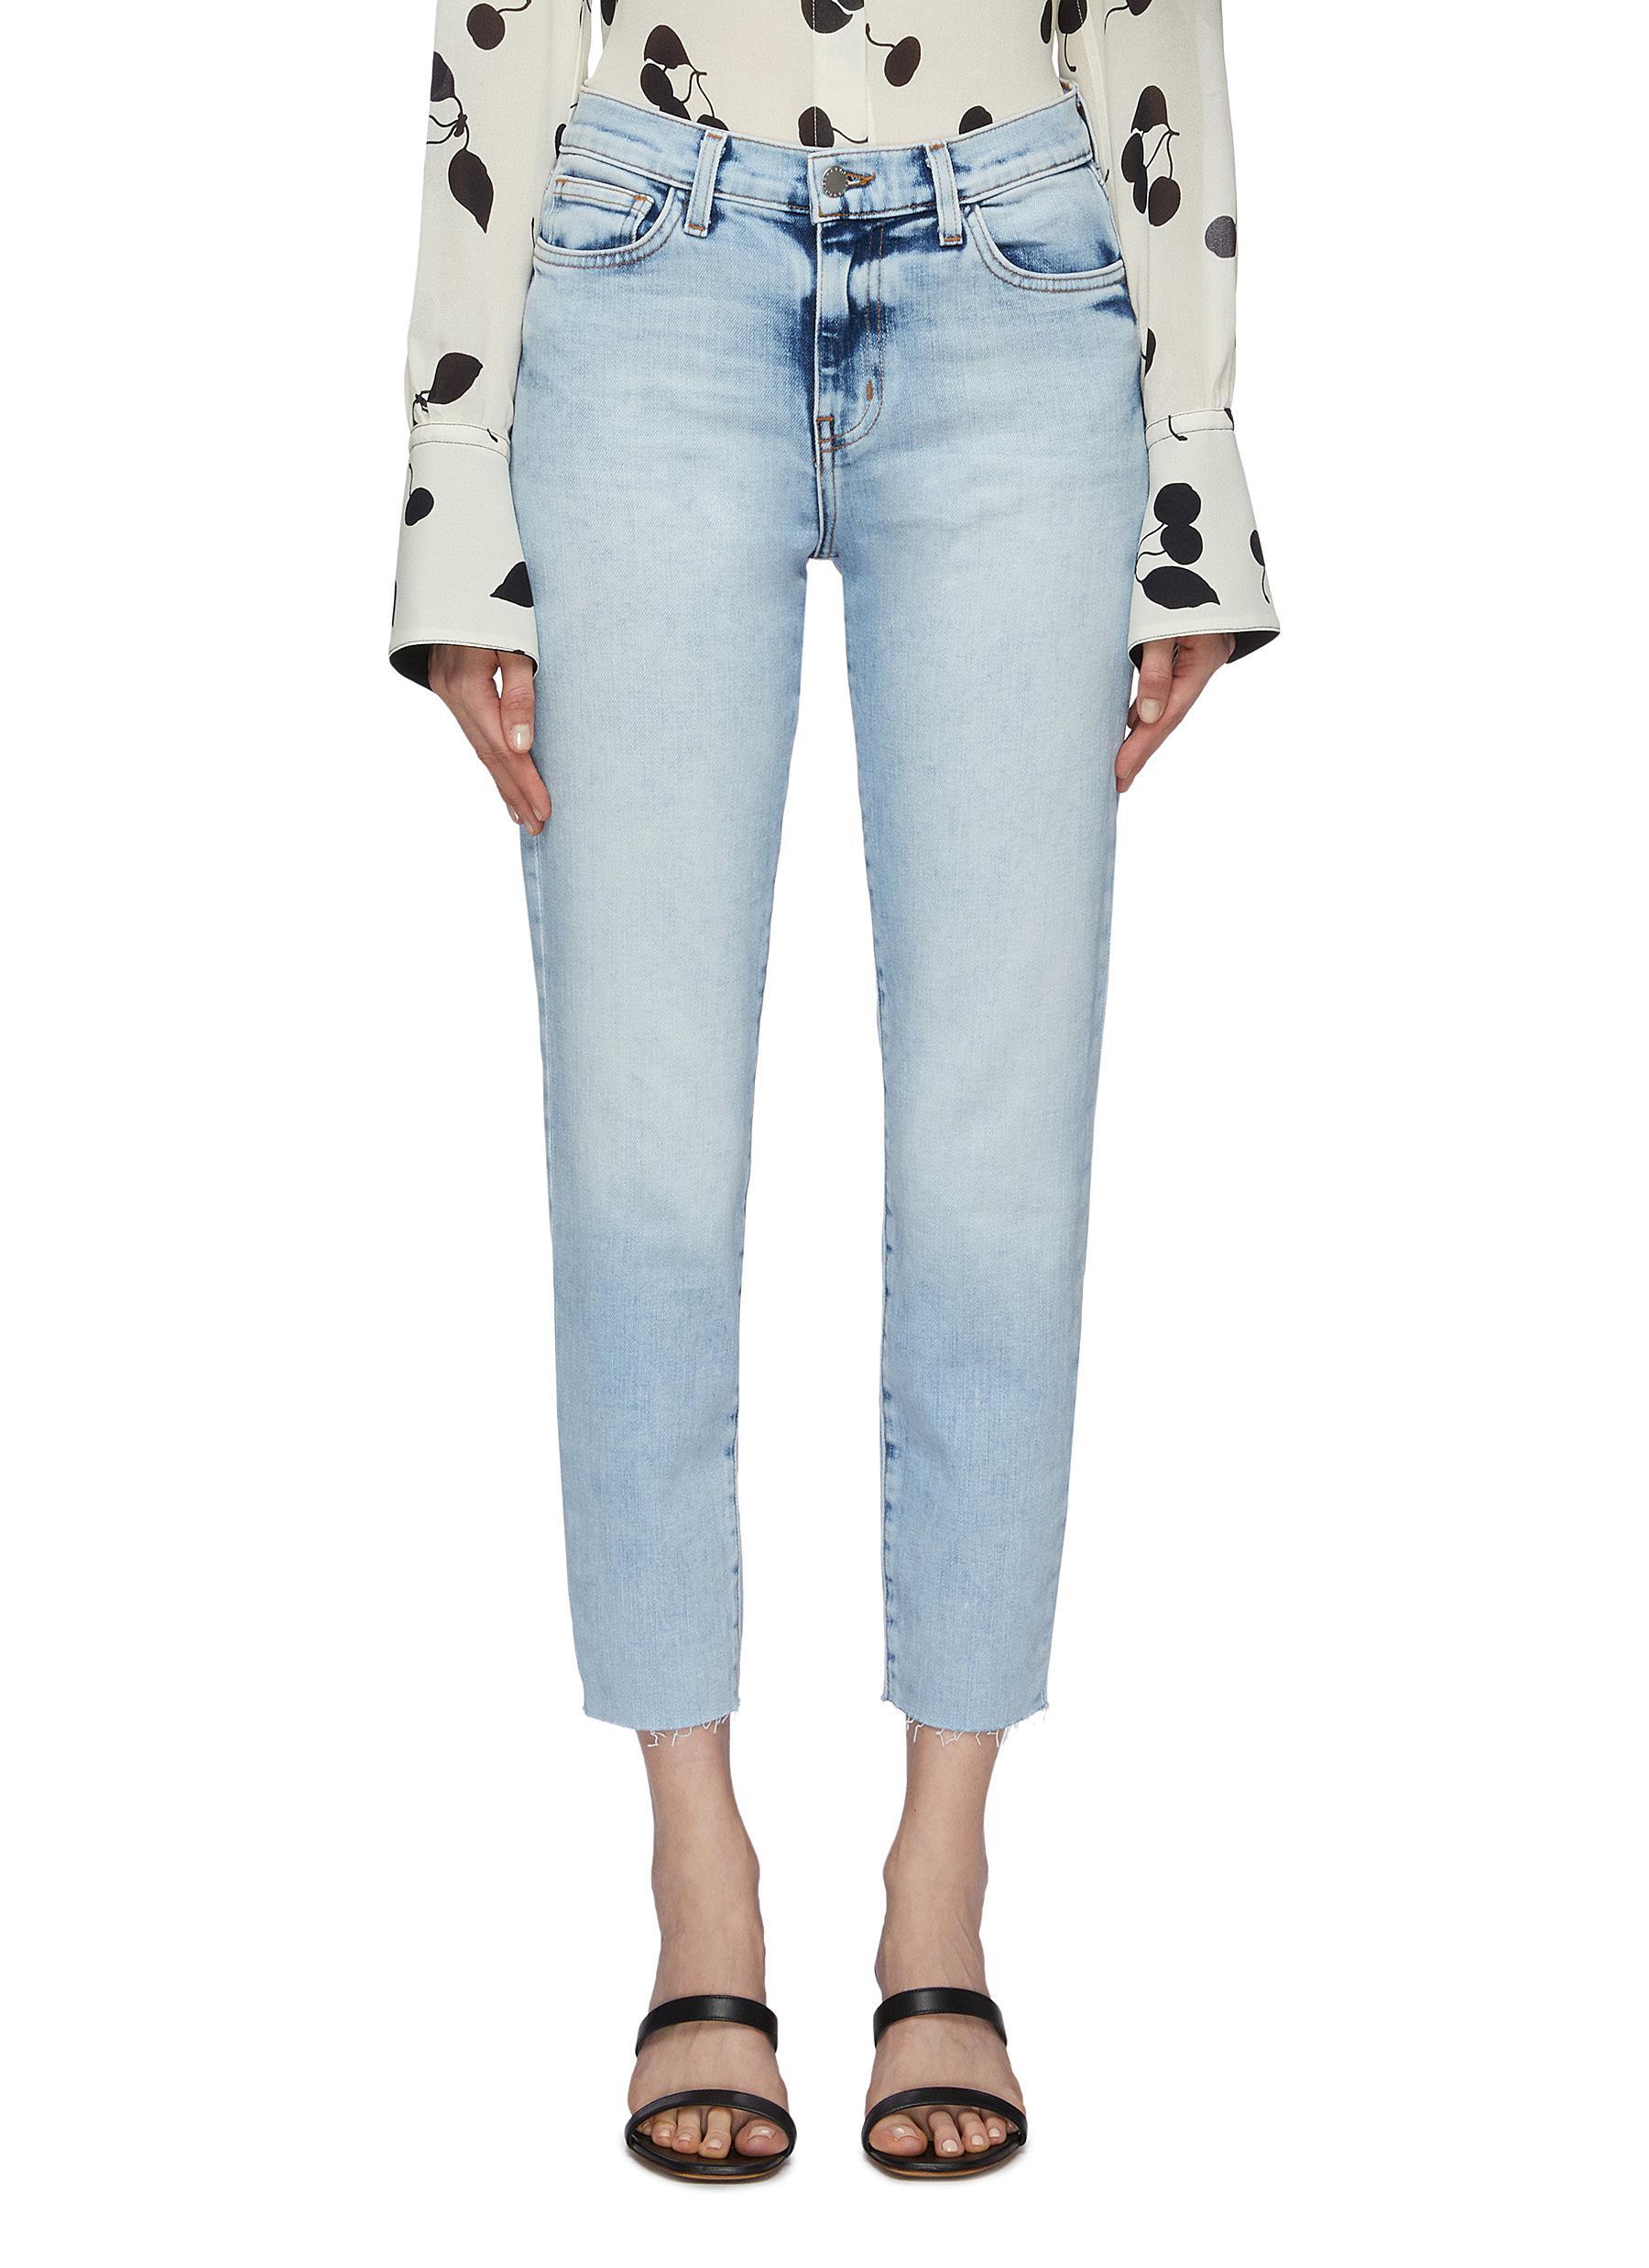 El Matador raw cuff slim fit jeans by L'Agence